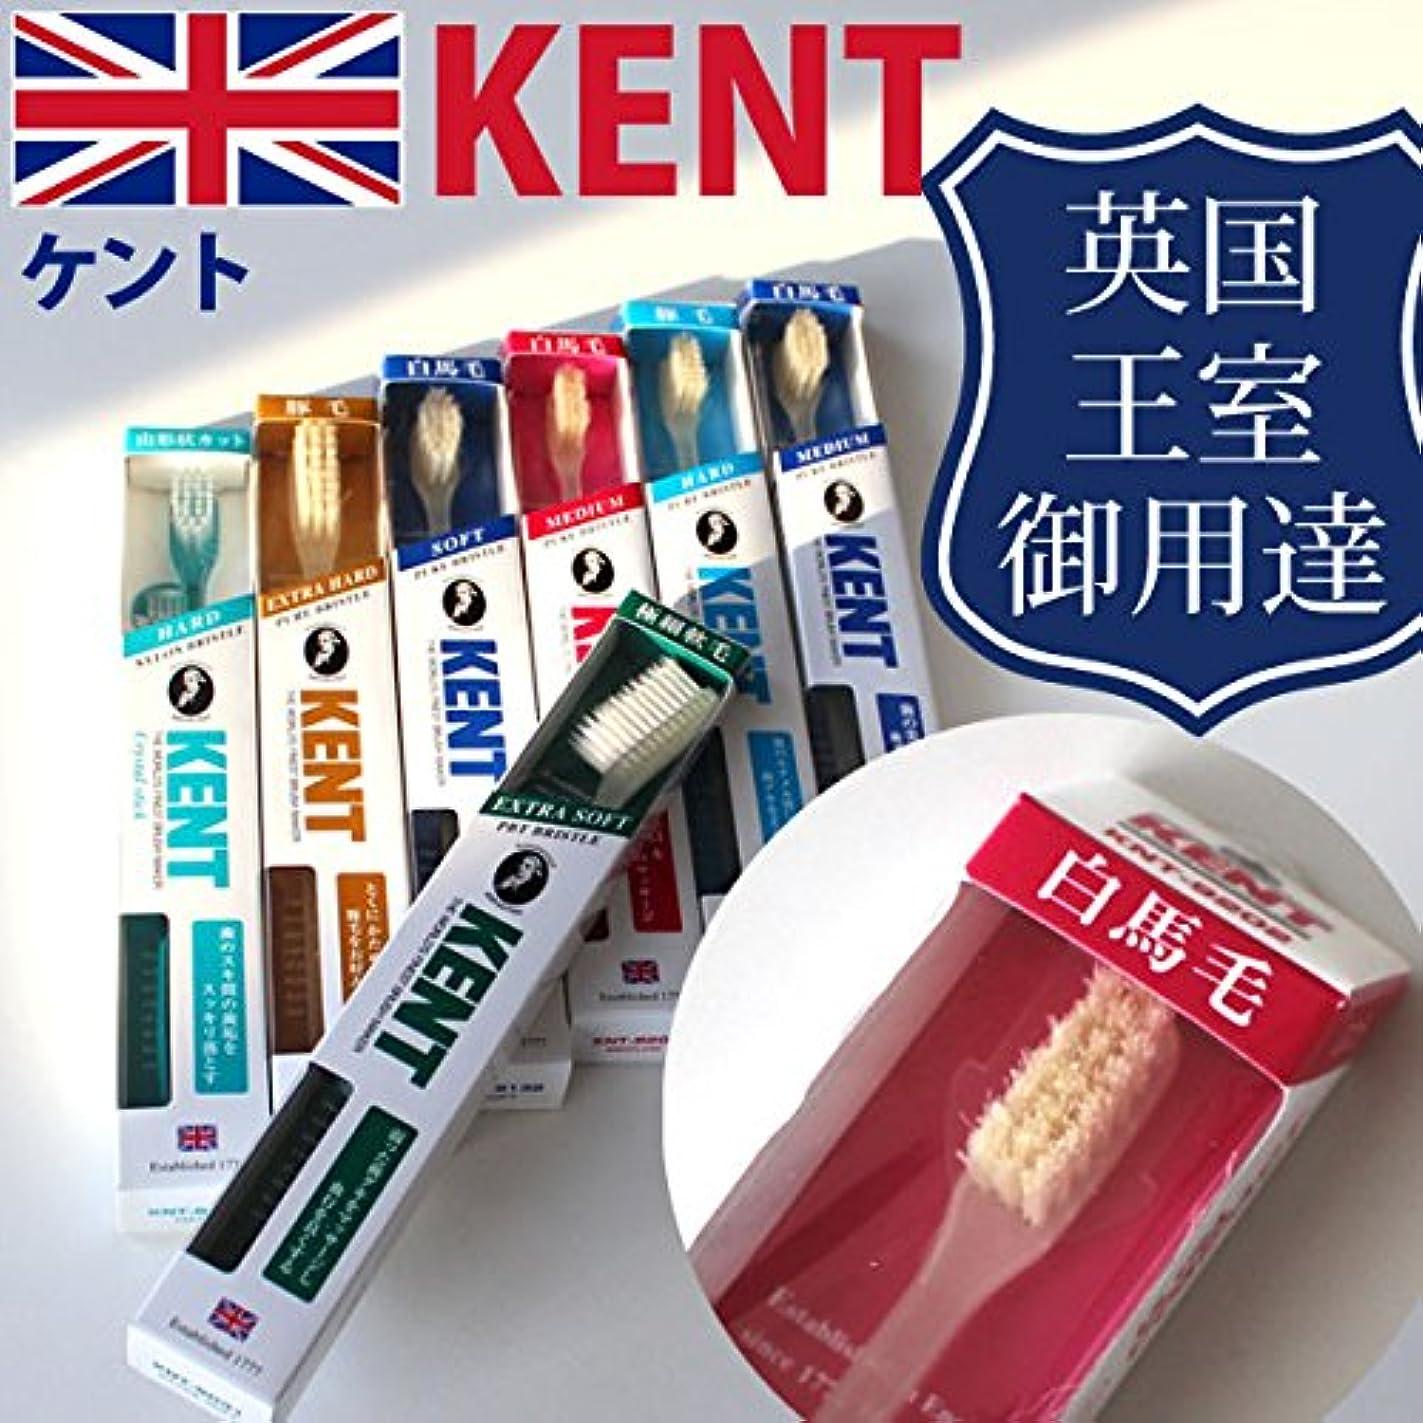 摂動美徳私たちのケント KENT 白馬毛 超コンパクト歯ブラシ KNT-9102/9202 6本入り 他のコンパクトヘッドに比べて歯 ふつう